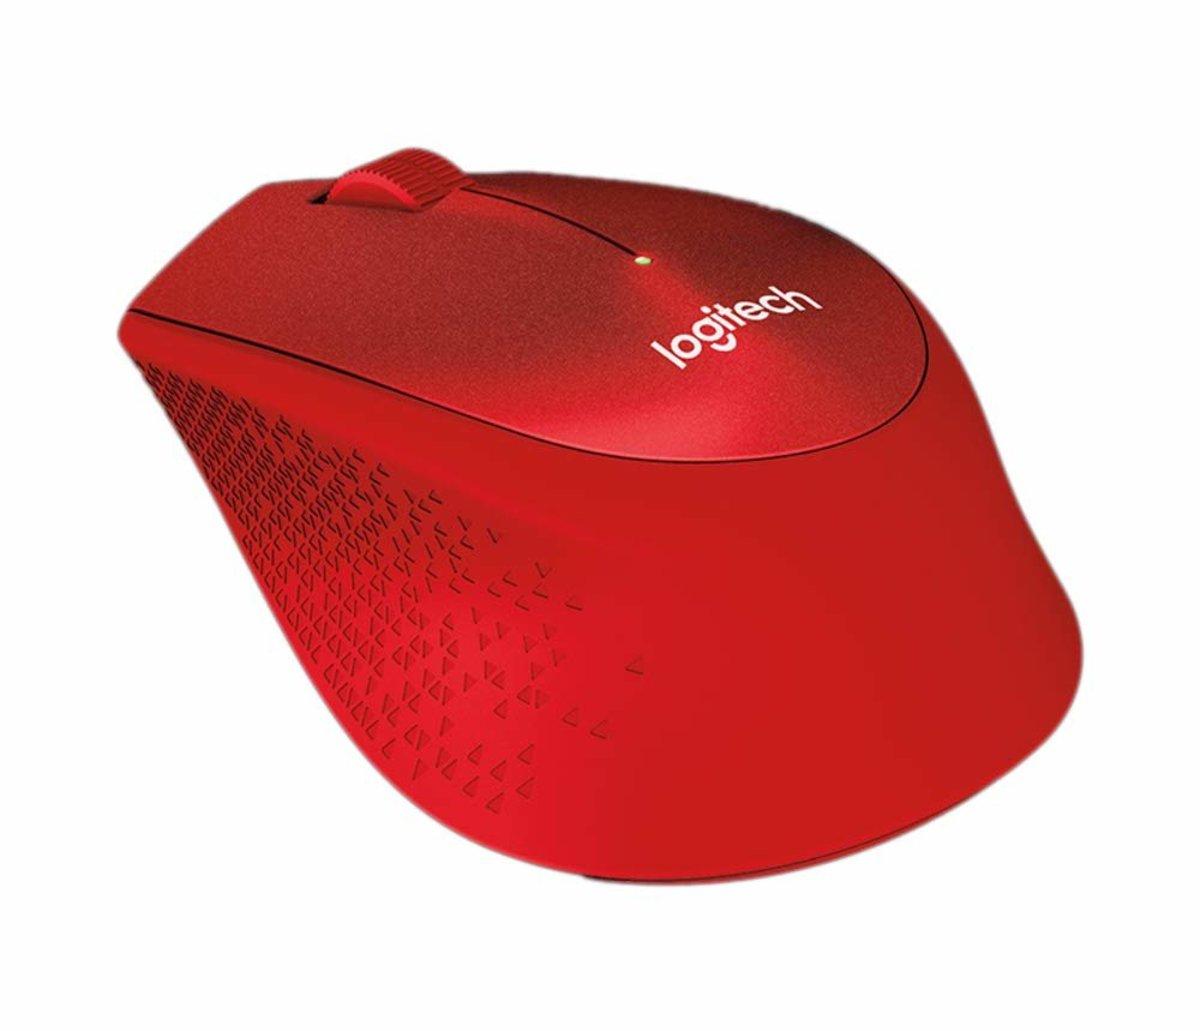 無線滑鼠 M331 (Red)